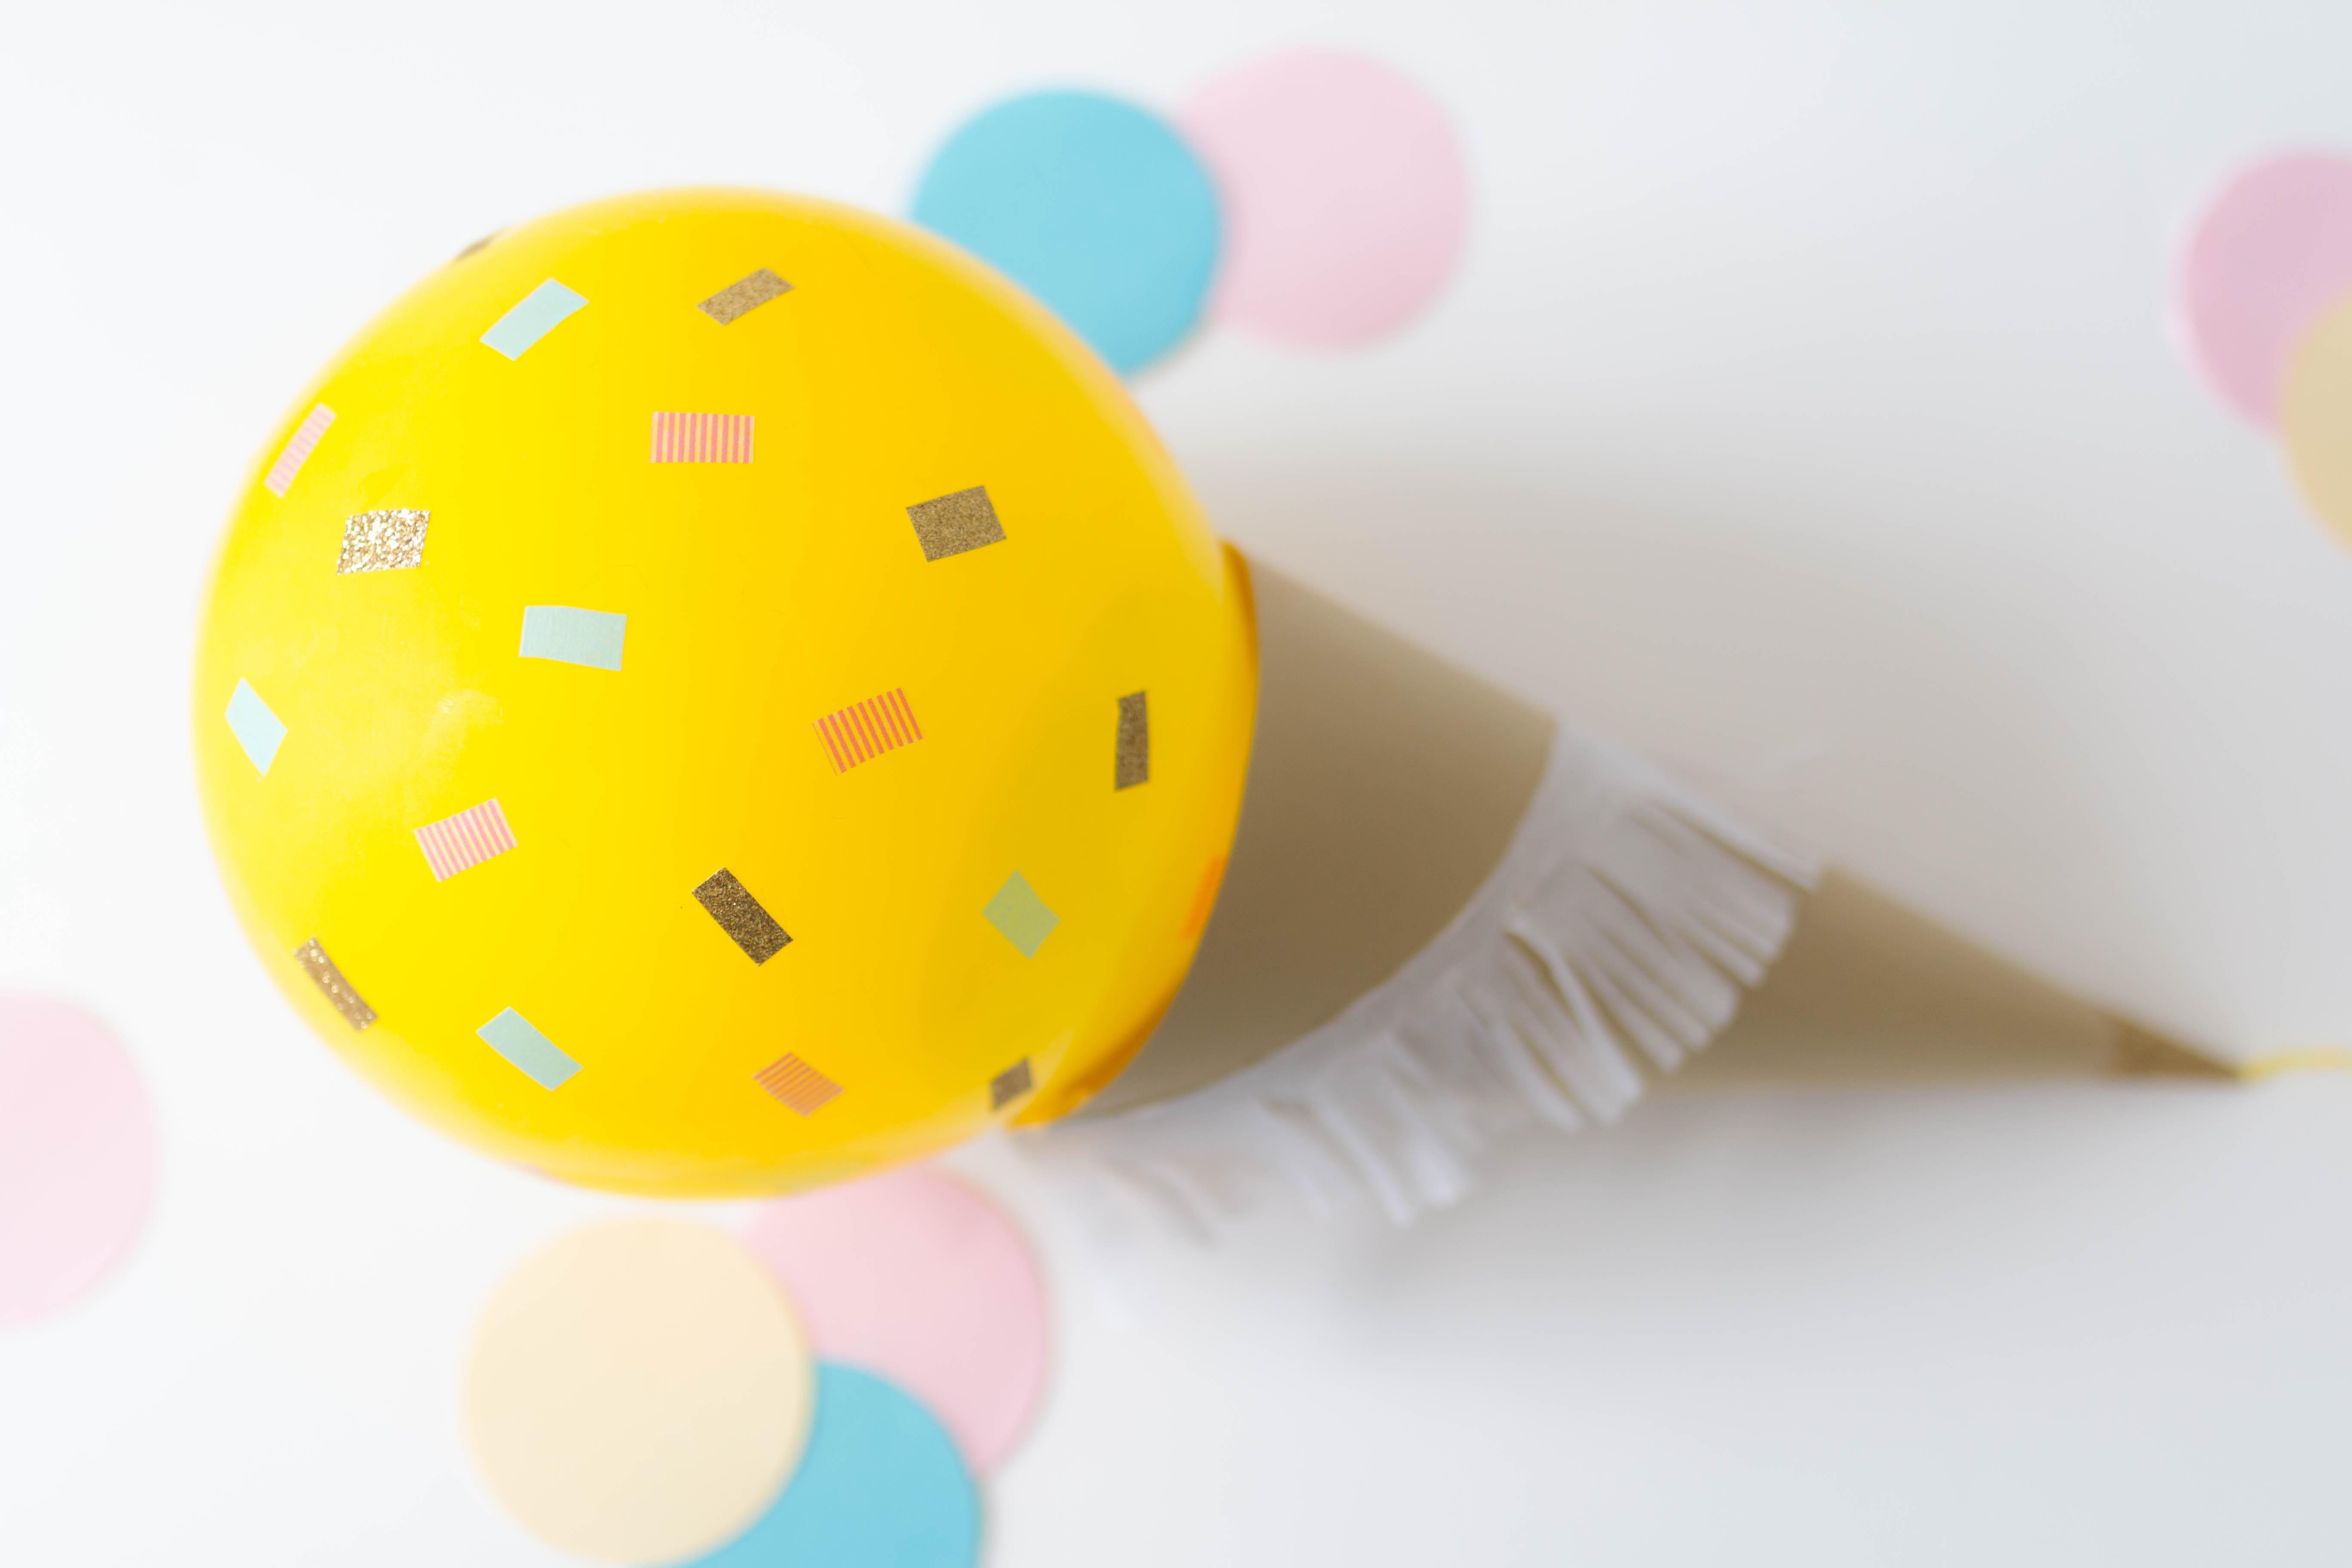 Ice cream balloon DIY 14 | SP4NK BLOG